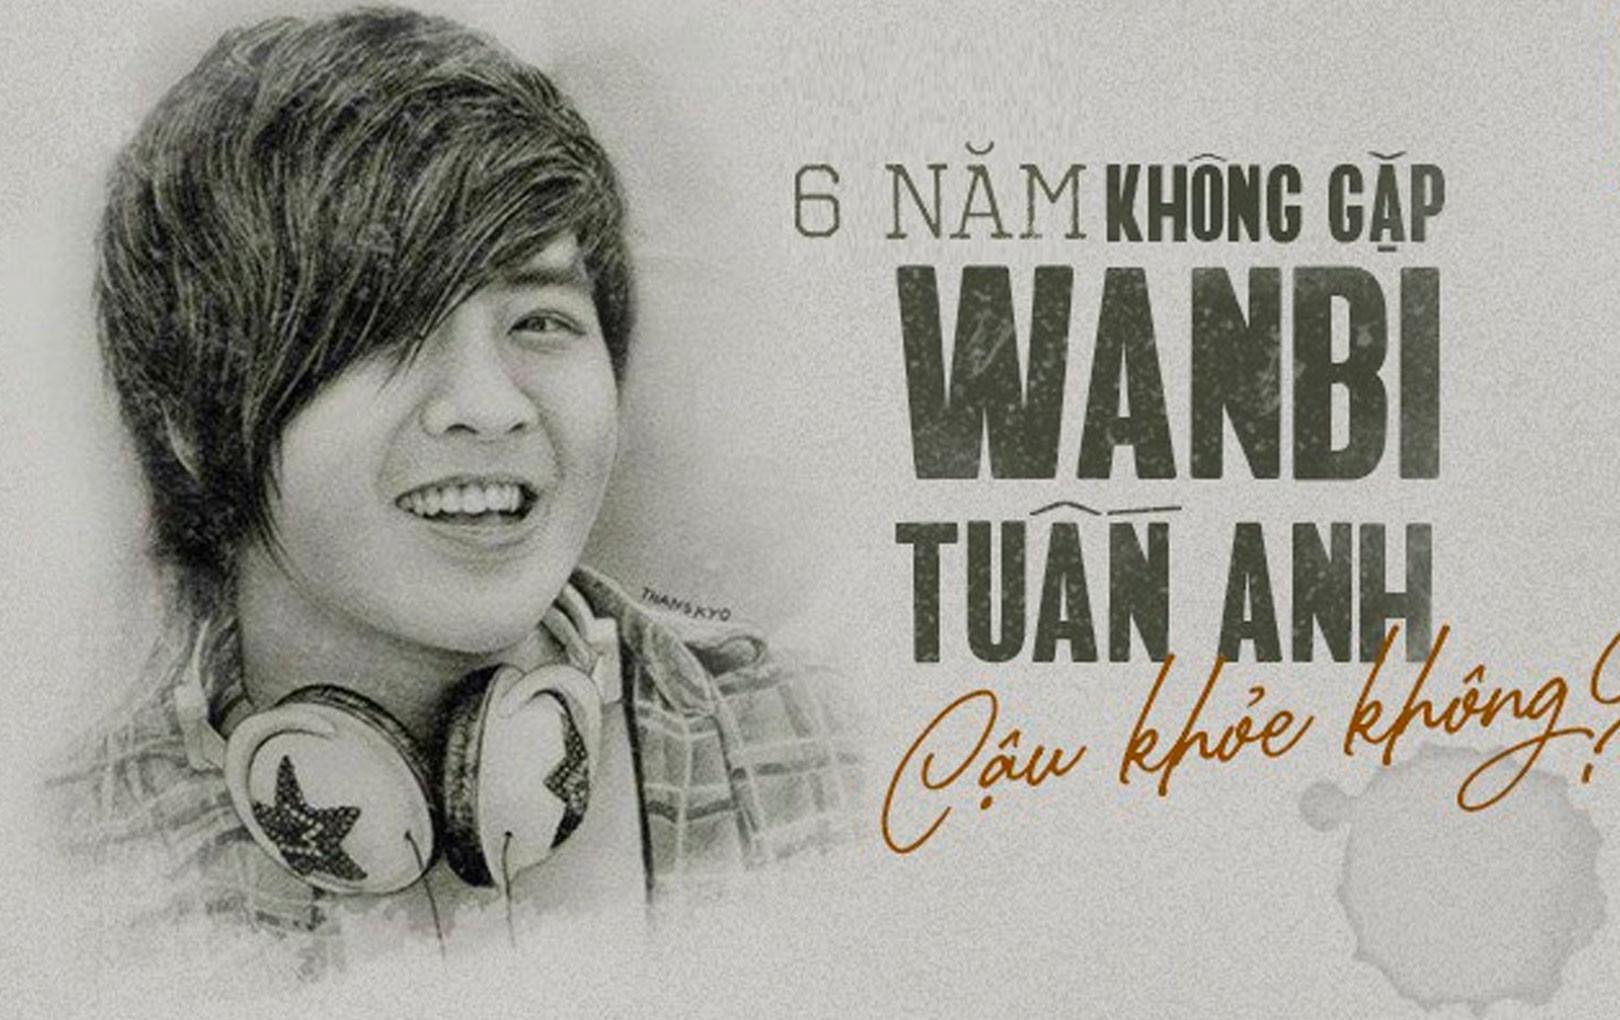 Tròn 6 năm ngày mất của Wanbi Tuấn Anh, fan đồng loạt chia sẻ kỉ niệm xúc động về nam ca sĩ: 6 năm không gặp, cậu khỏe không?